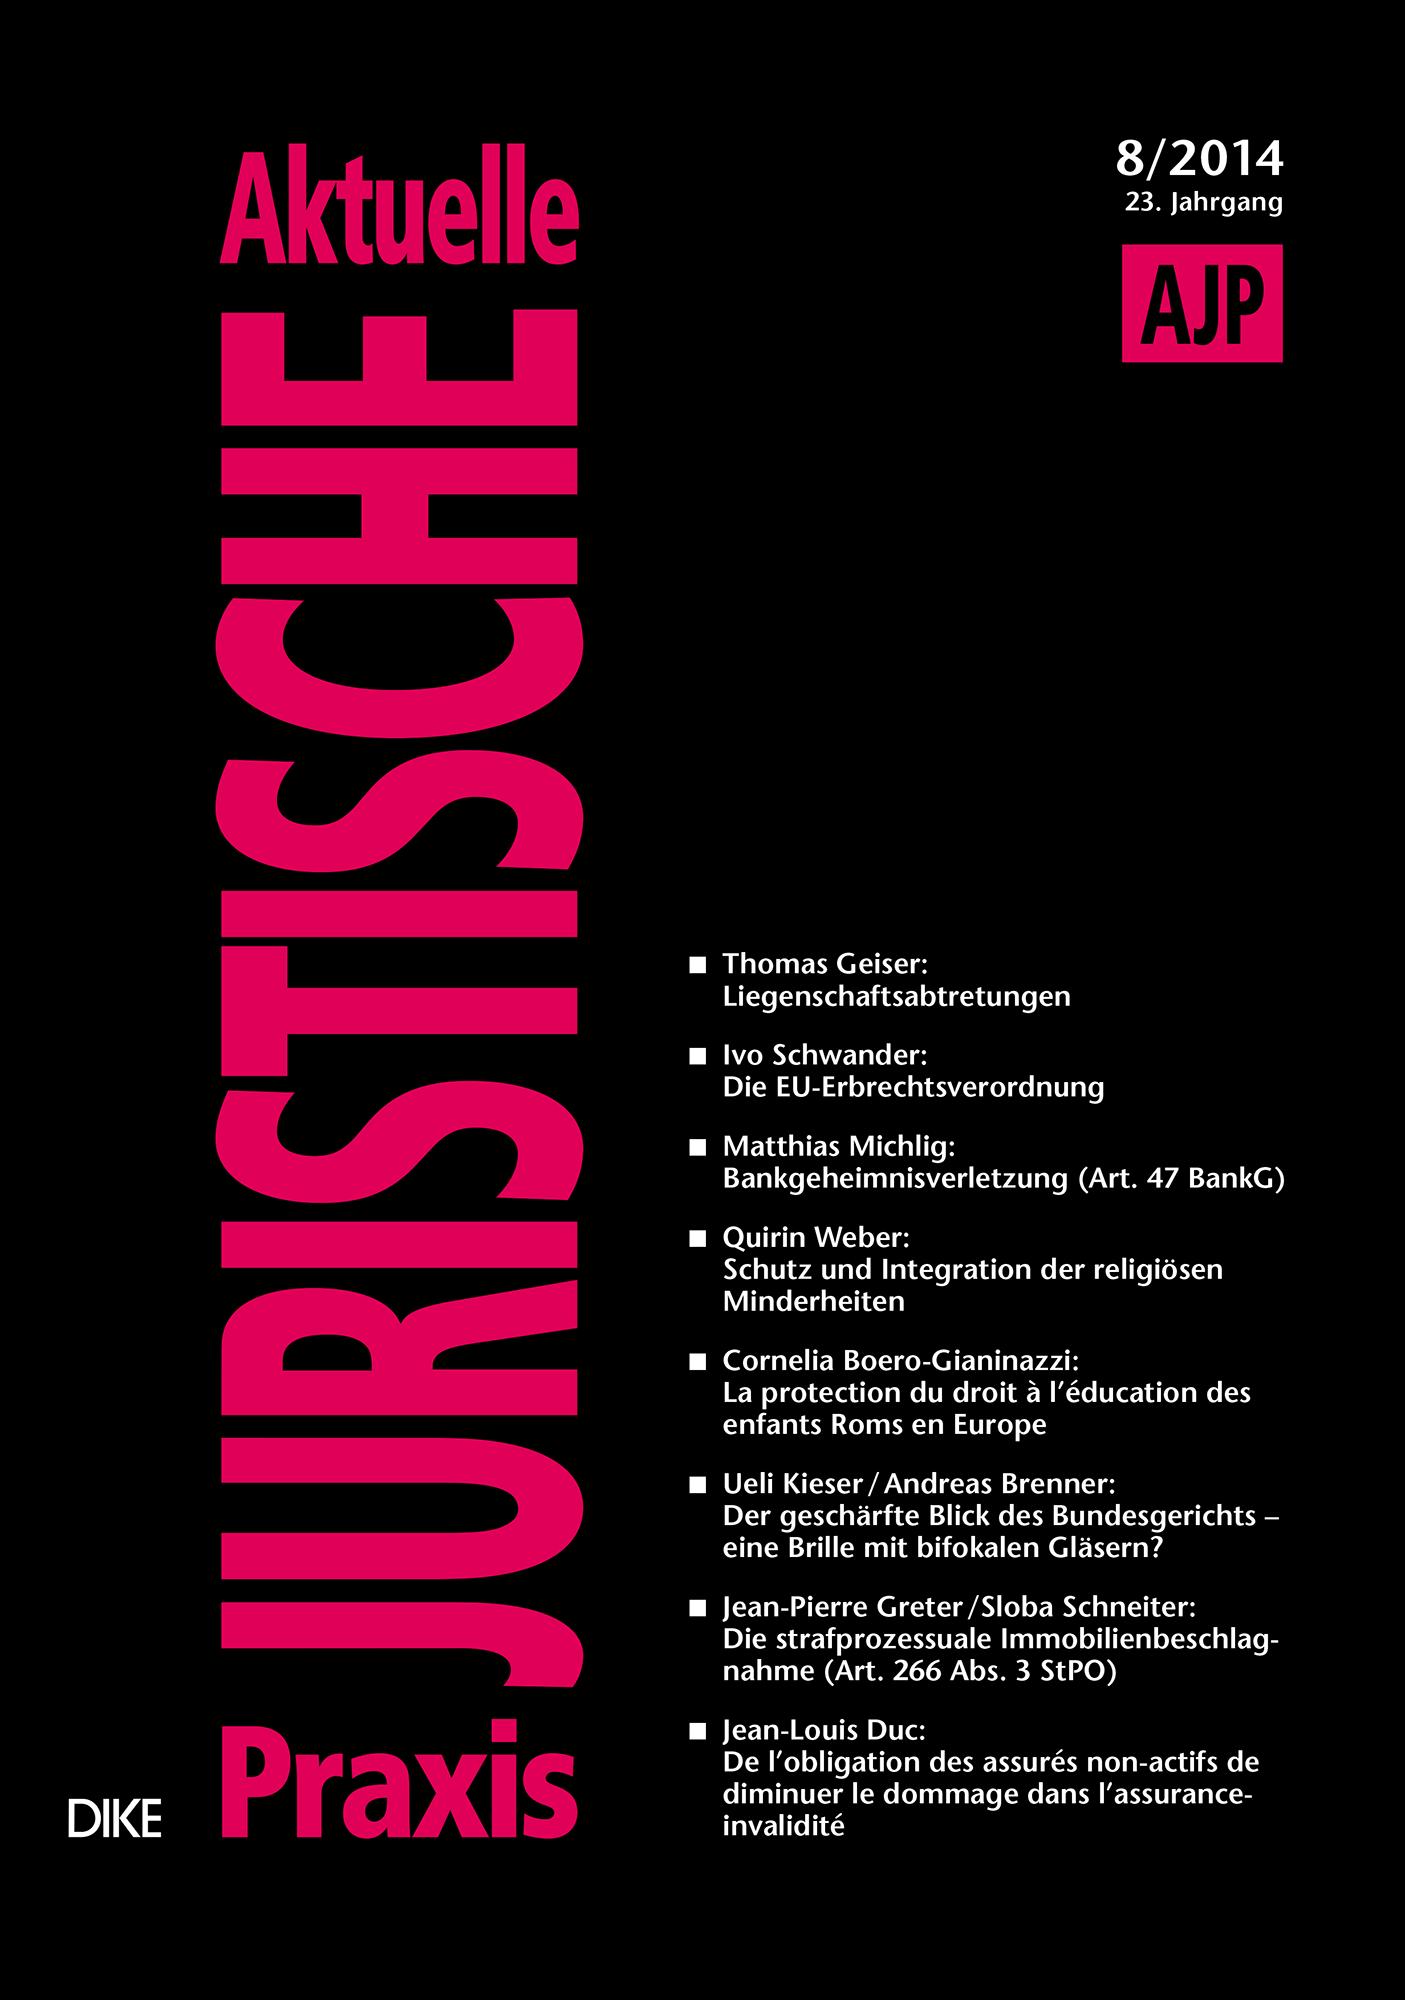 AJP/PJA 08/2014